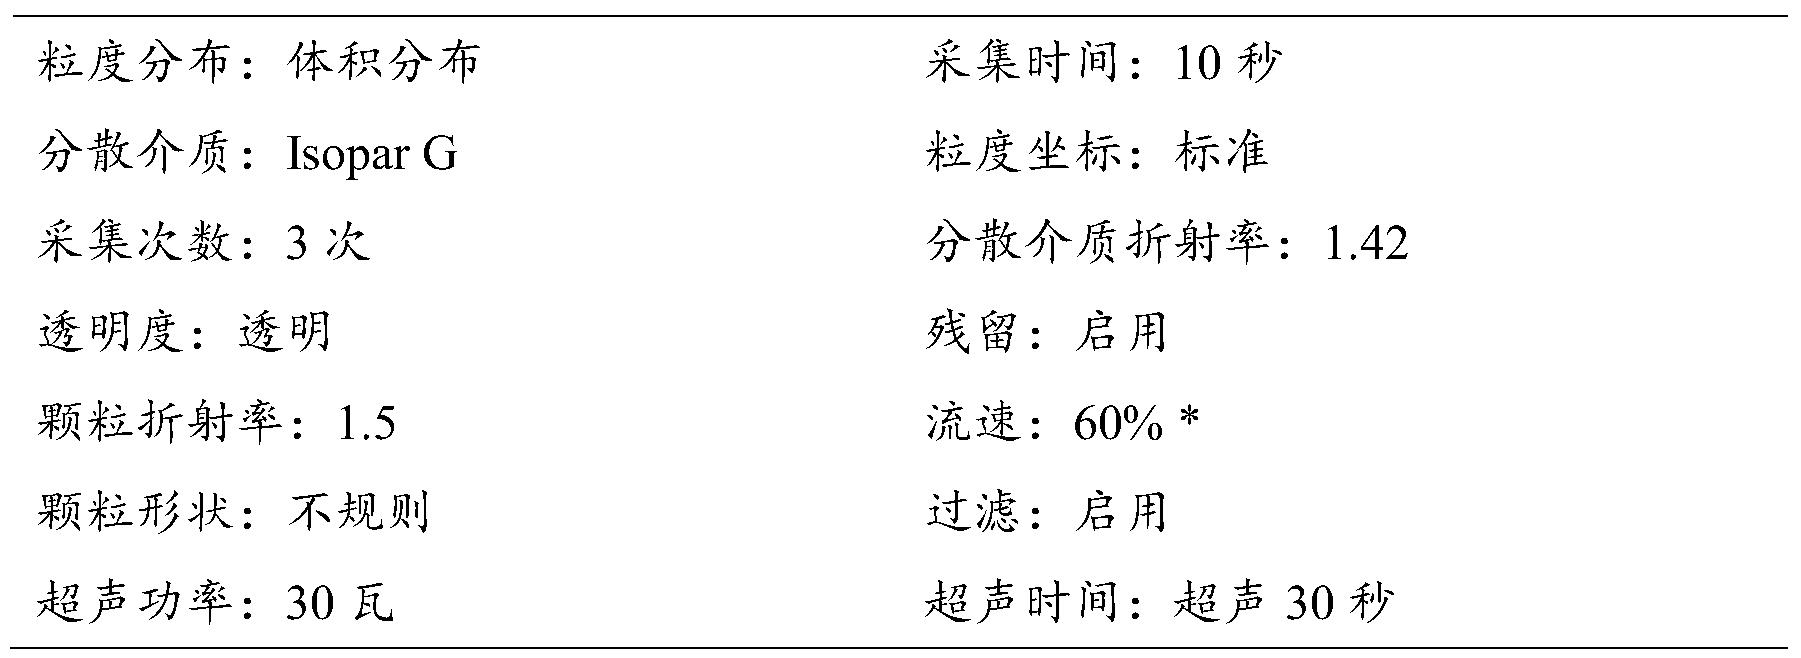 Figure PCTCN2016112874-appb-000006